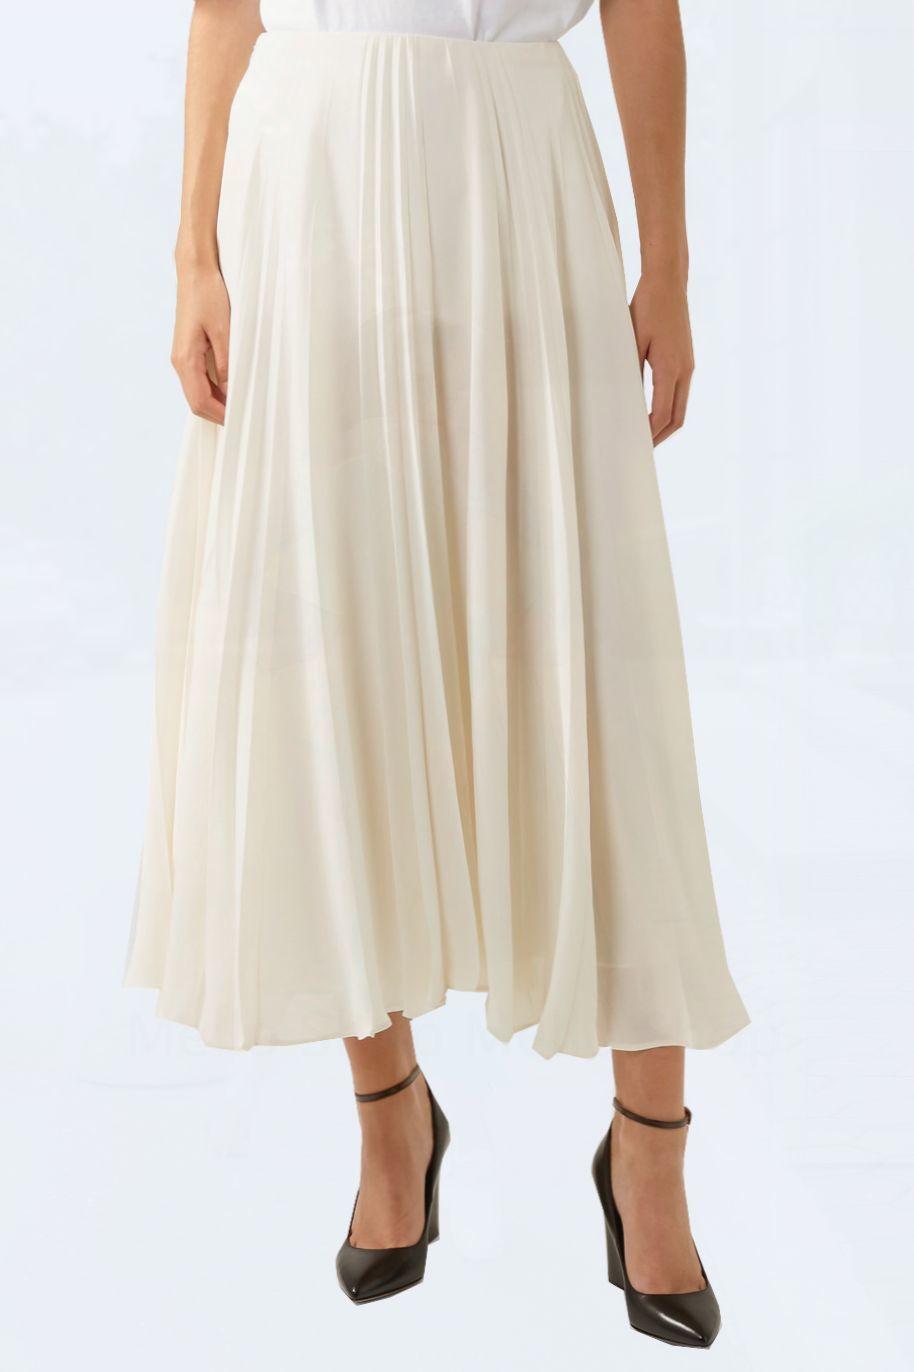 Длинная нарядная юбка. Подойдет для офиса и для вечернего события, Юбки, Оренбург,  Фото №1